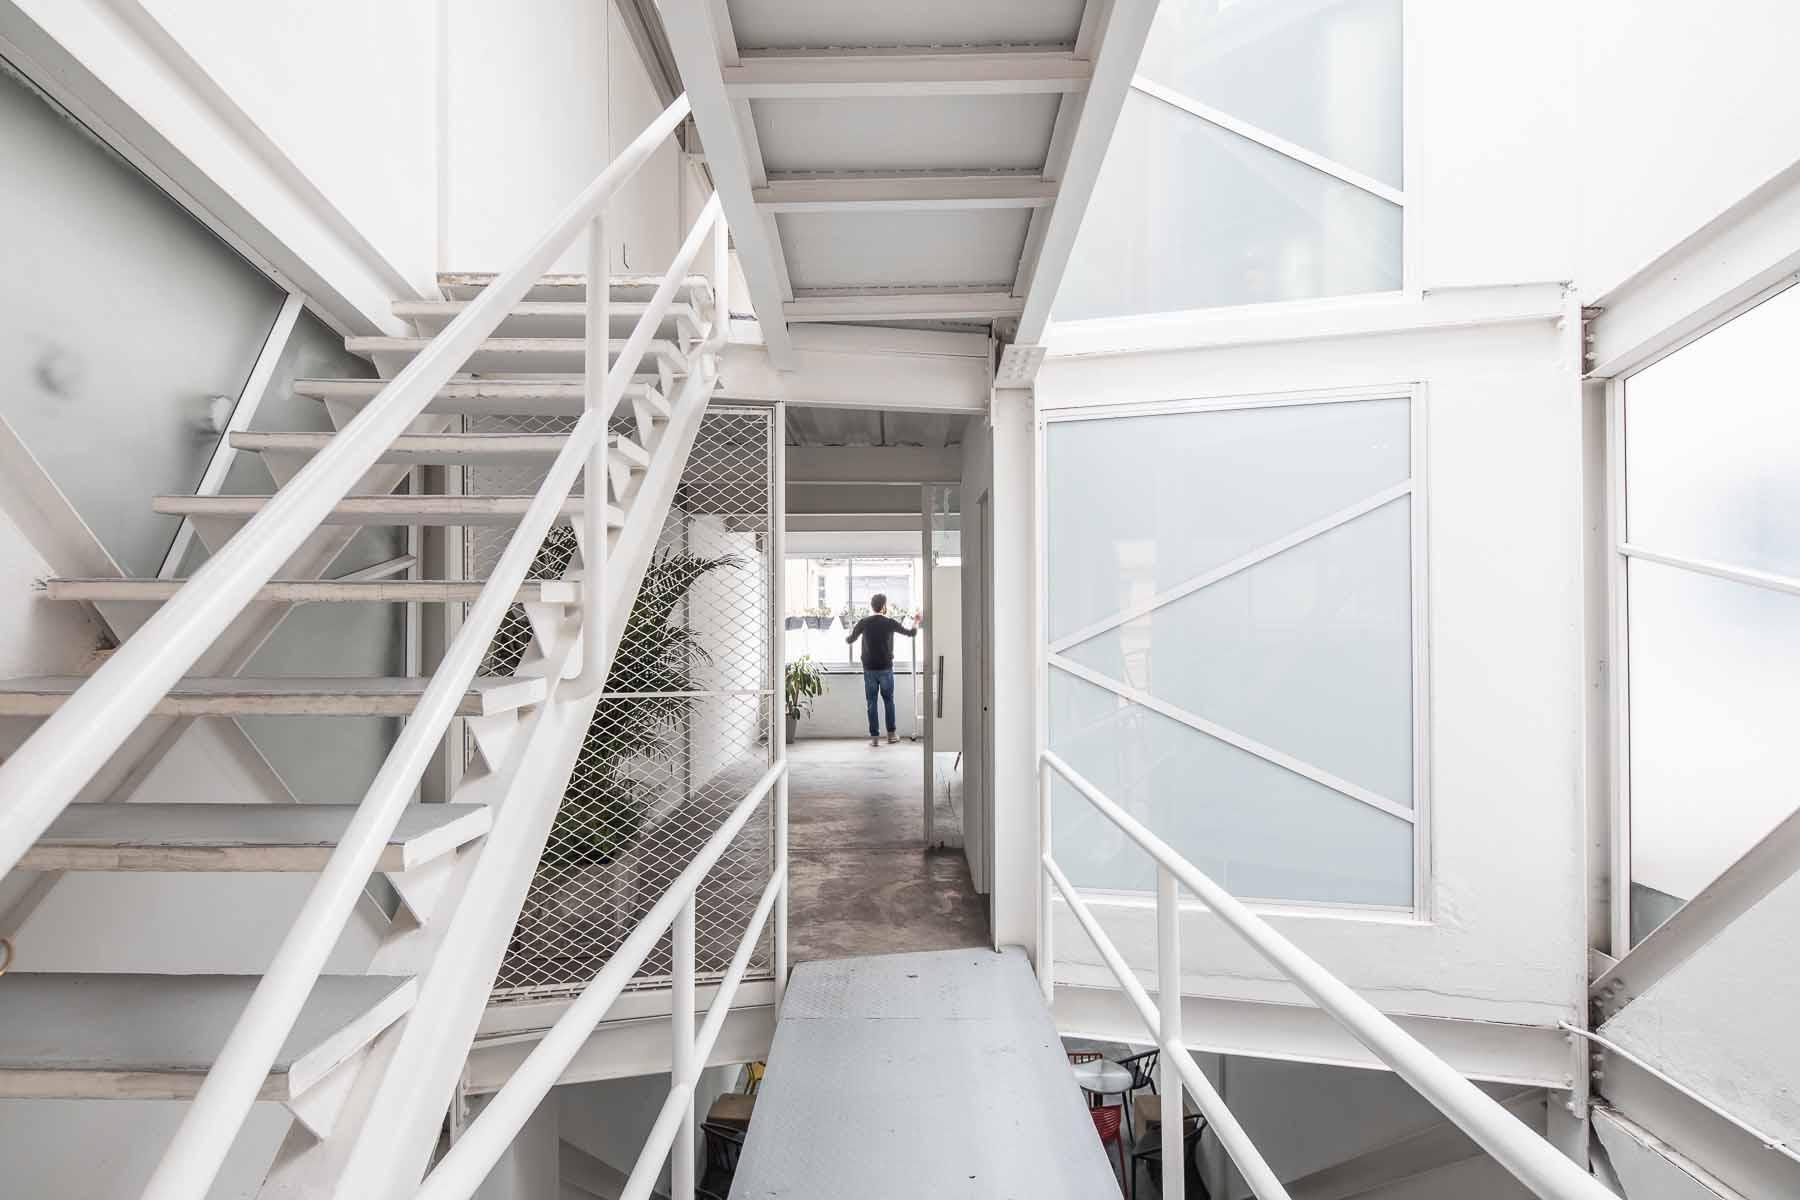 Edificio Espacio en Blanco 2014 – 2020